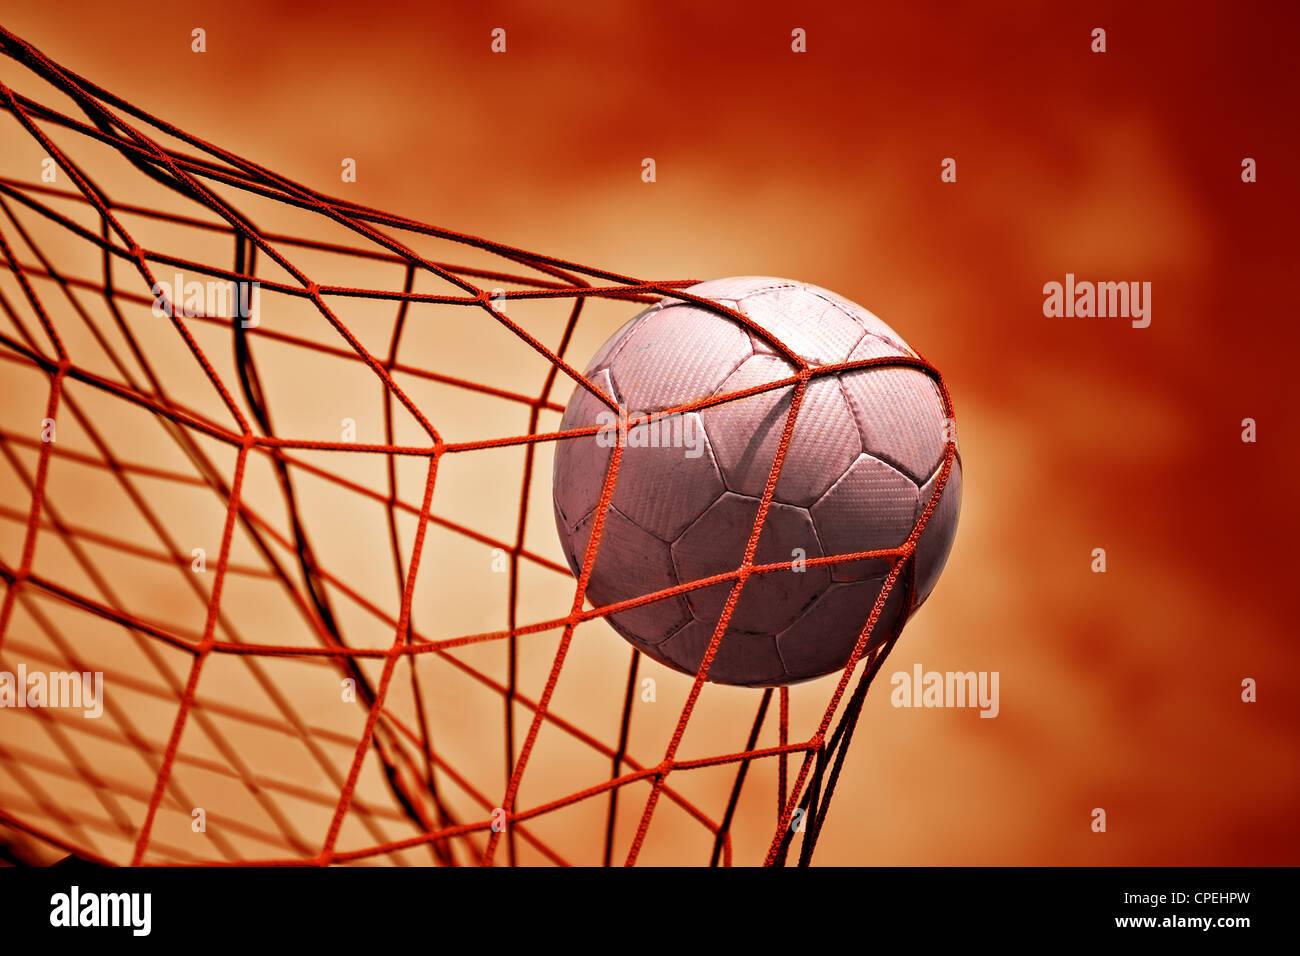 Imagen simbólica para el objetivo con una pelota de fútbol en net Imagen De Stock